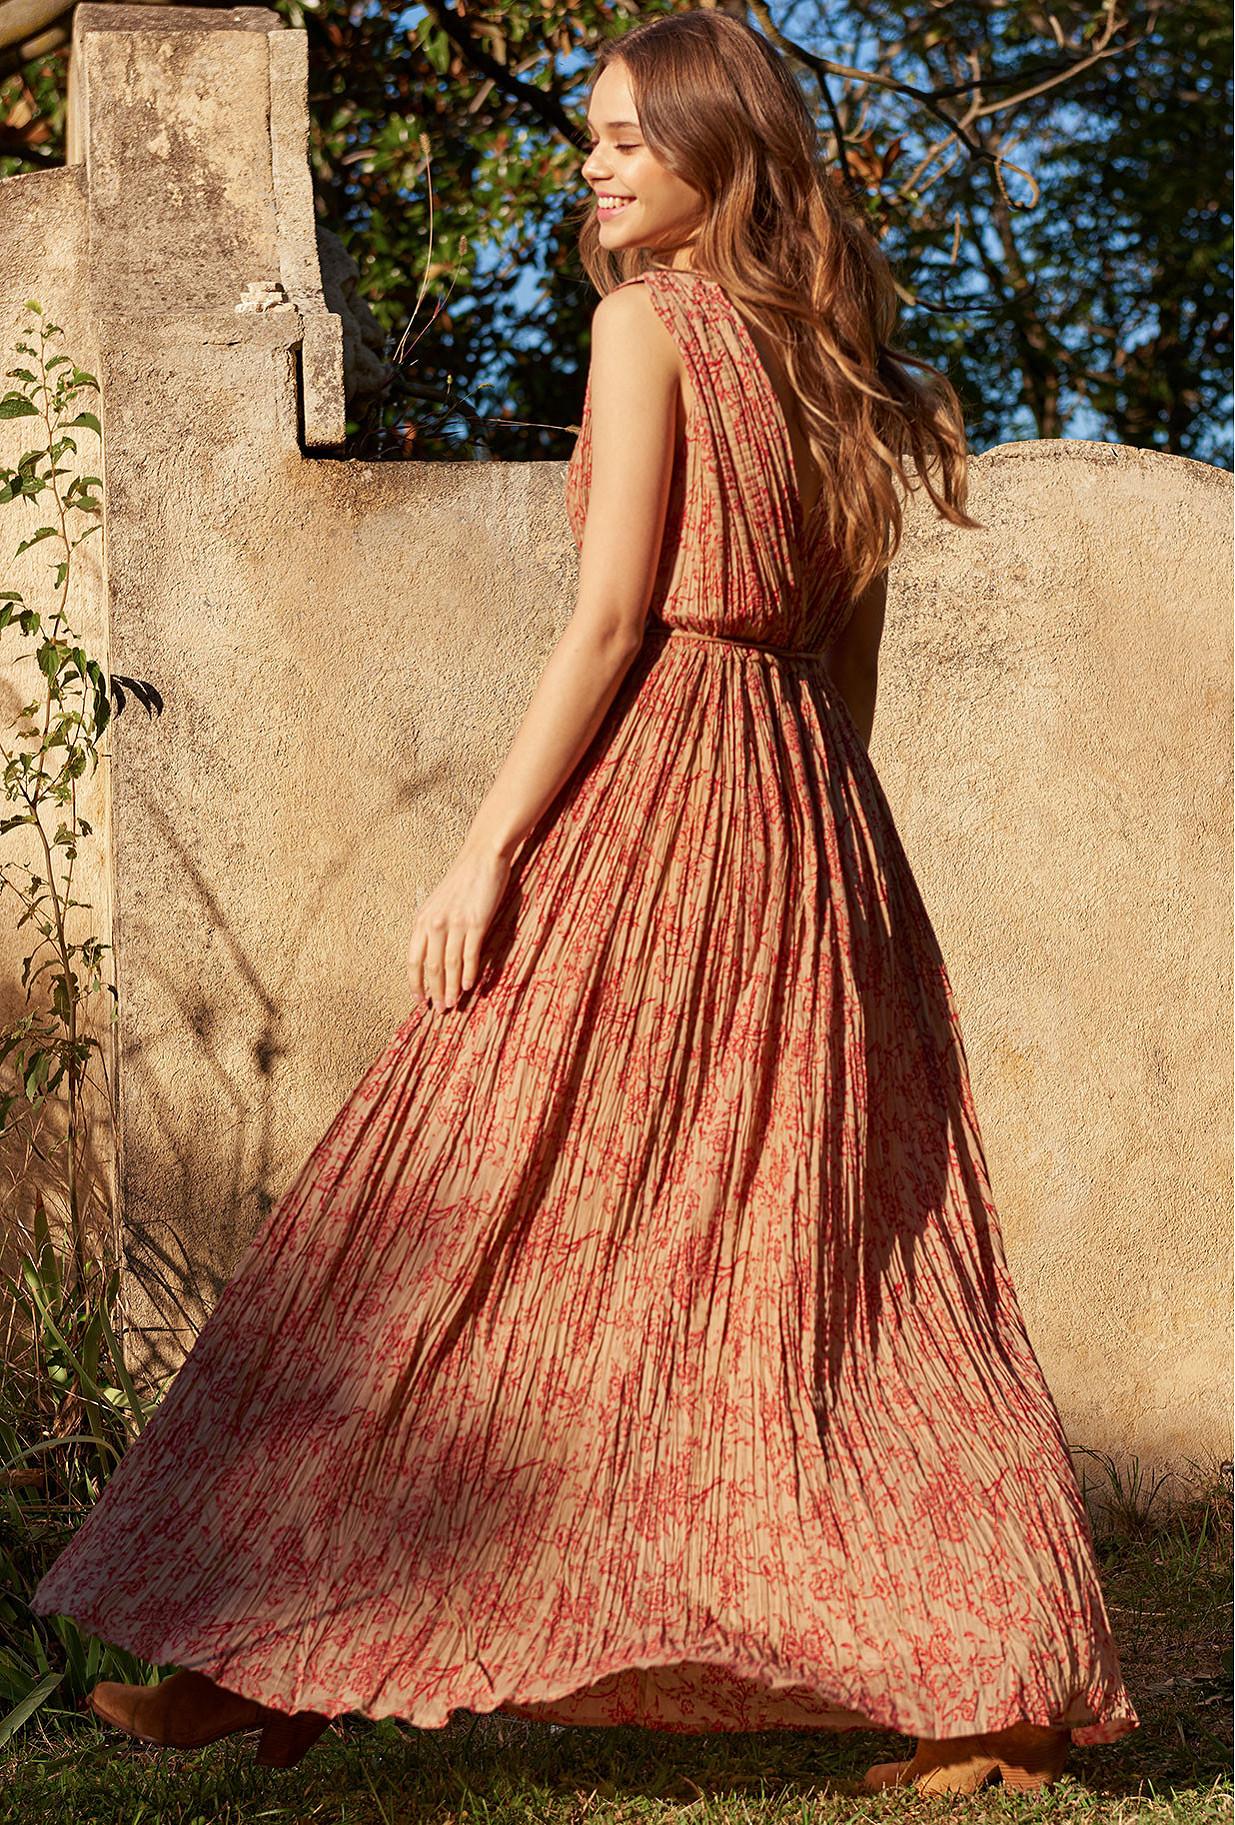 Robe Imprimé floral  Joconde mes demoiselles paris vêtement femme paris